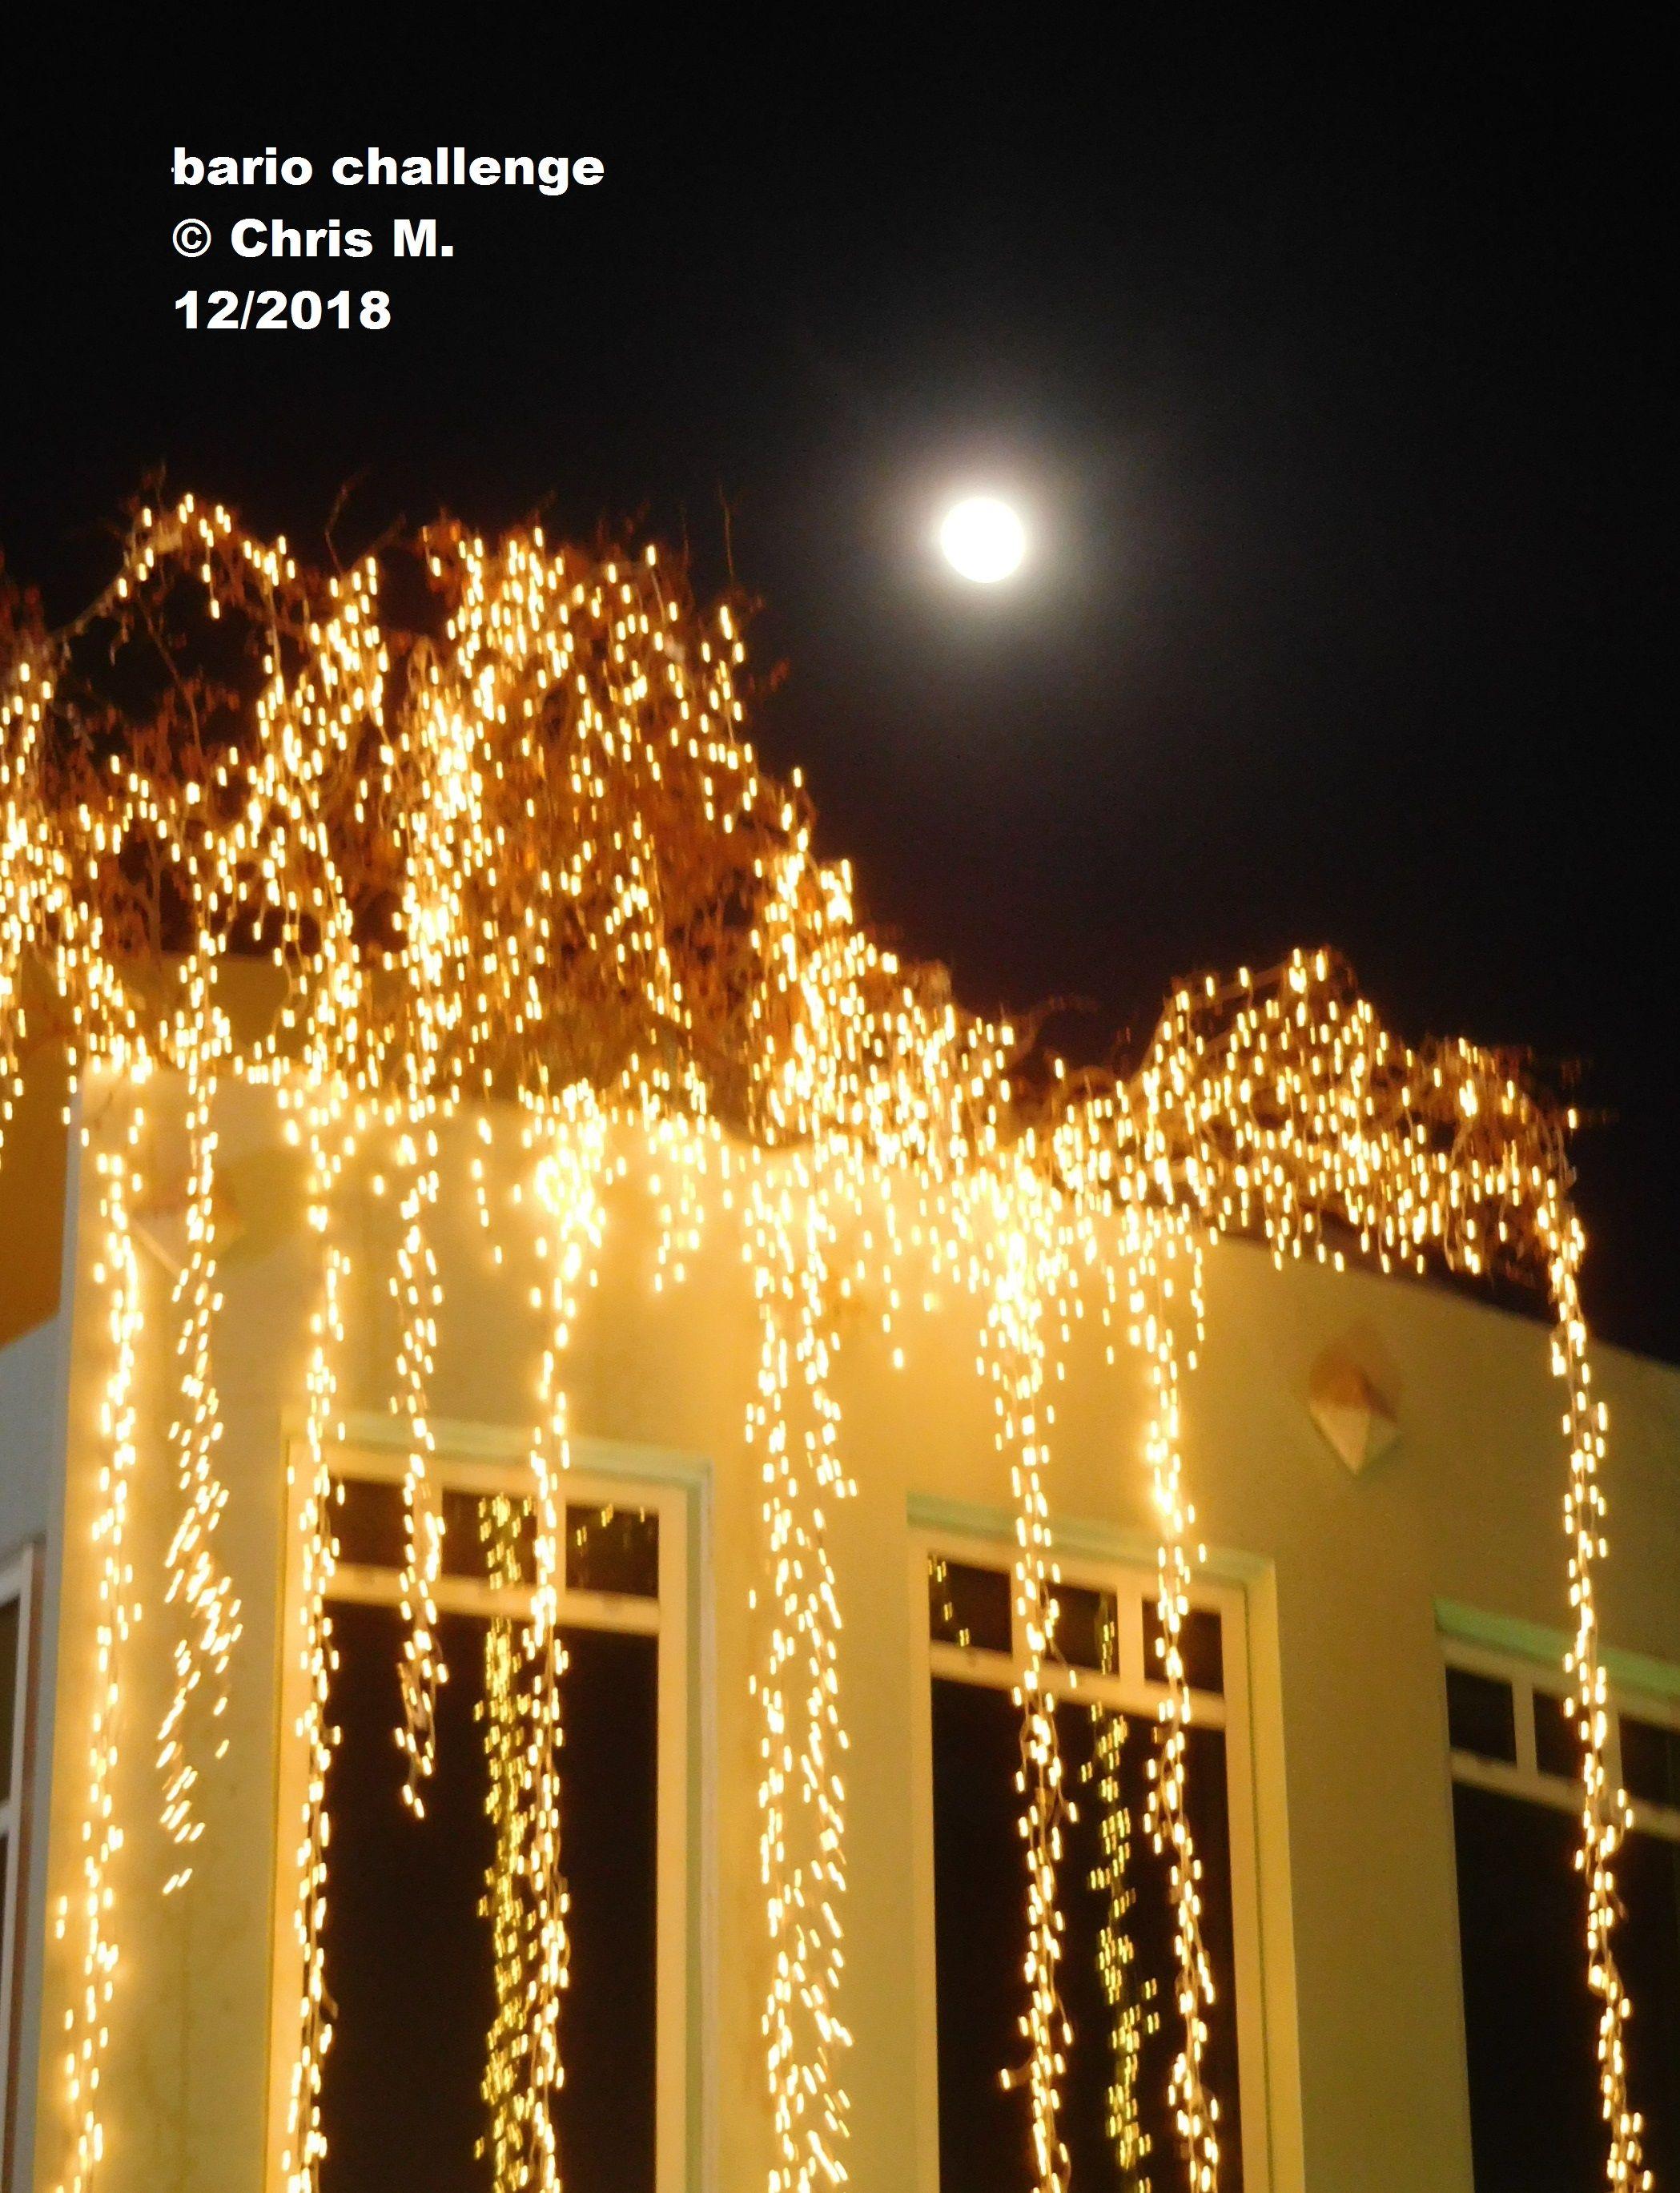 4 Januari 2019 Kerstverlichting Curoil Waaigat Bario Challenge